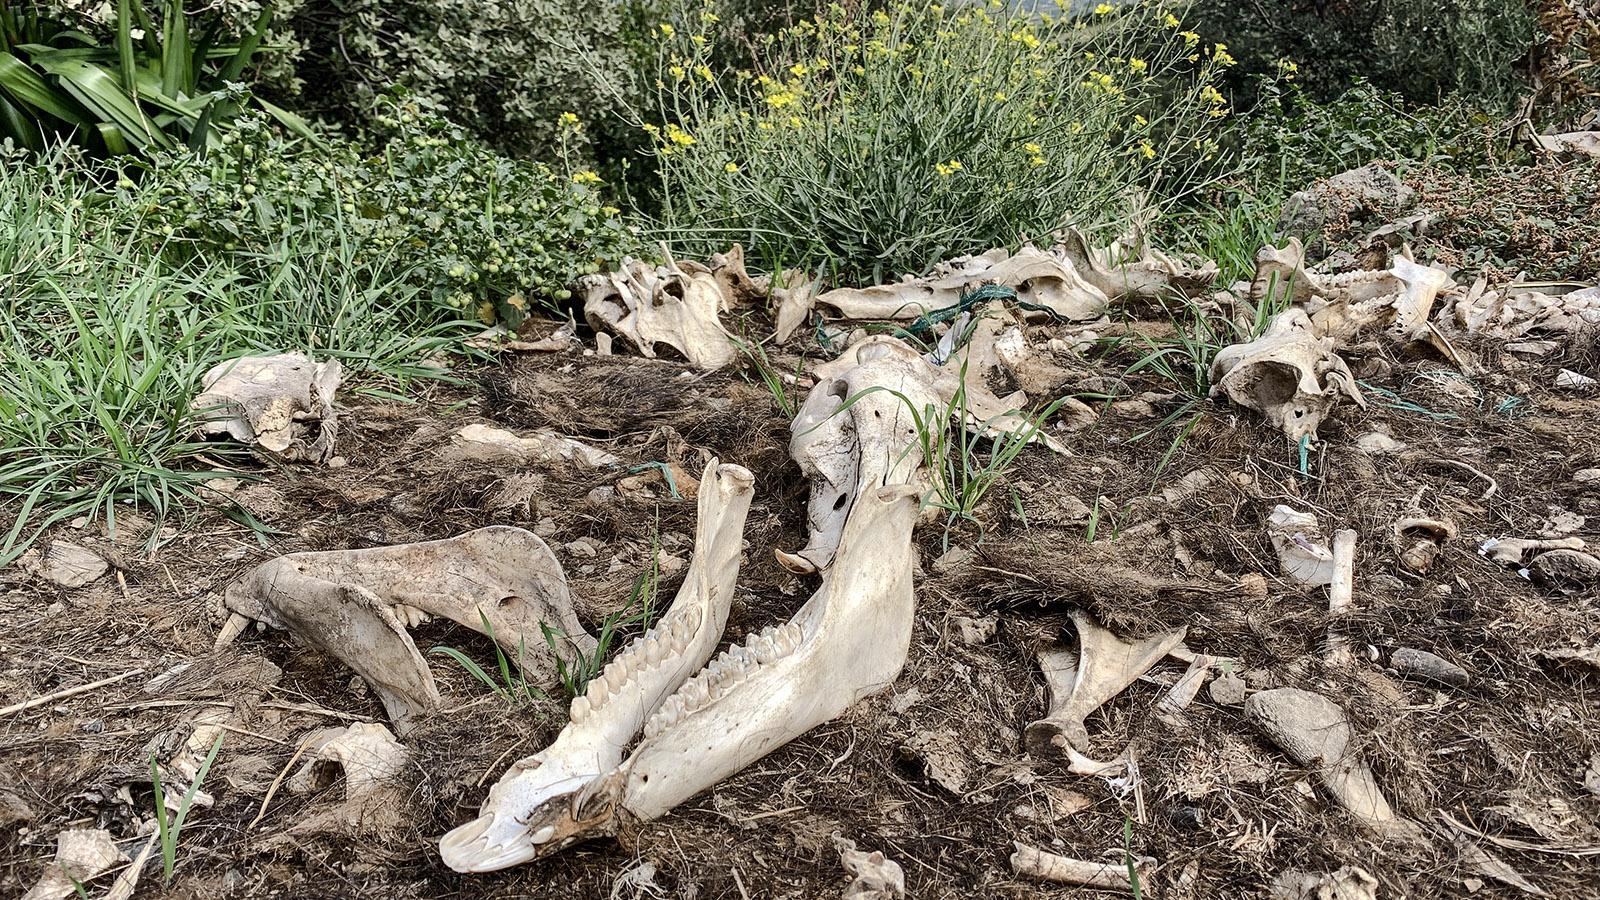 Kein Einzelfall: Die Jäger weiden die Tiere noch in der freien Natur aus und hinterlassen die Reste den Geiern und anderen Tieren, die sich bei uns in den Pyrenäen tummeln. Foto: Hilke Maunder